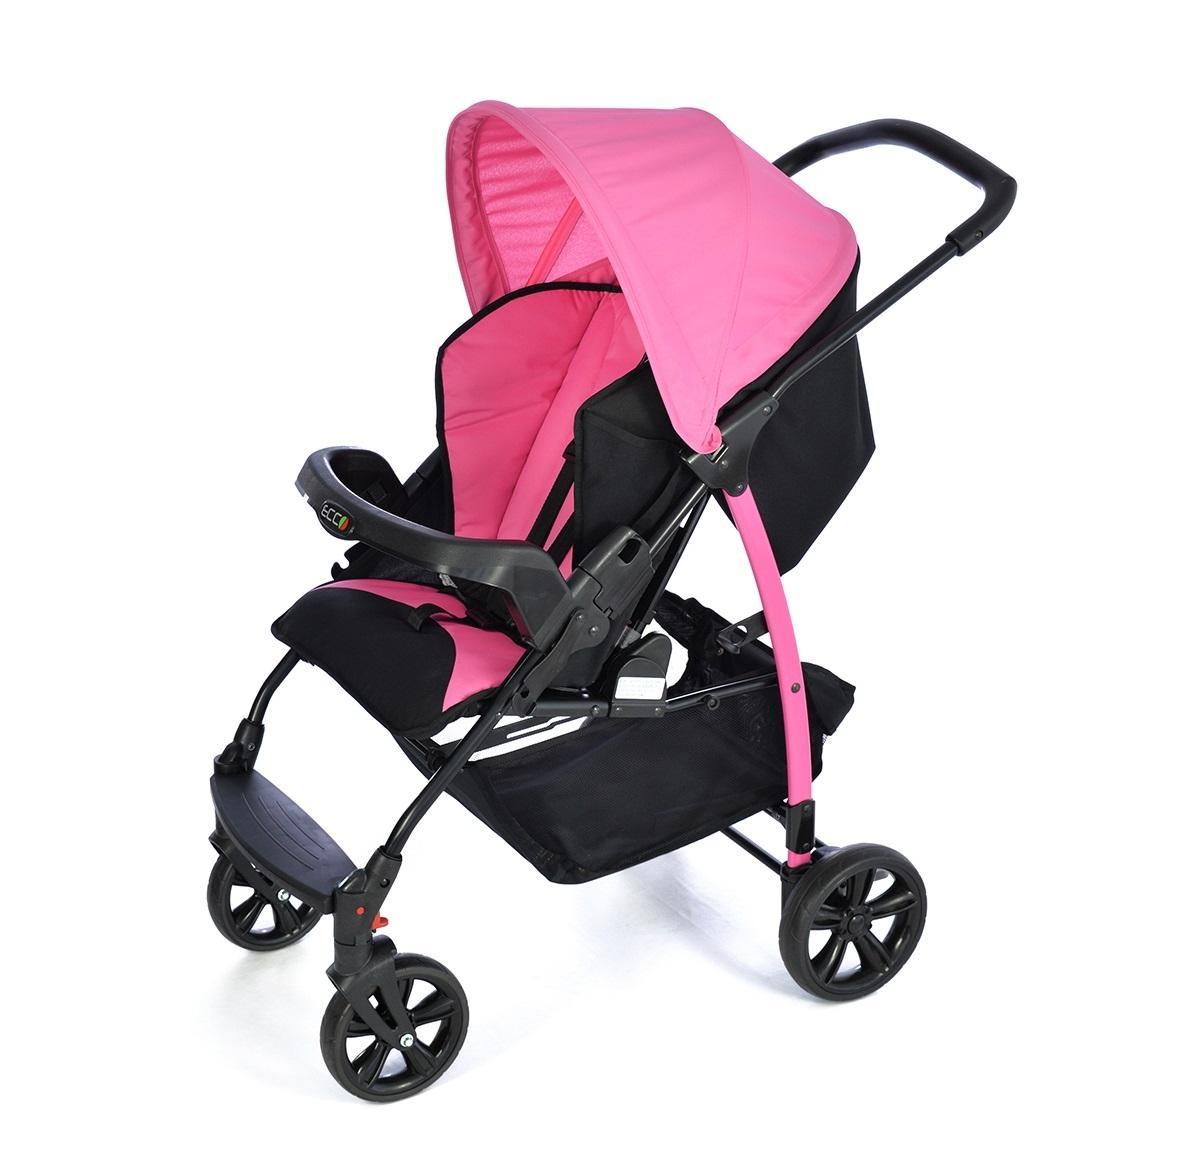 1dcc2e0d8 Carrinho De Bebê Passeio Ecco - Azaleia - Burigotto R$ 549,00 à vista.  Adicionar à sacola